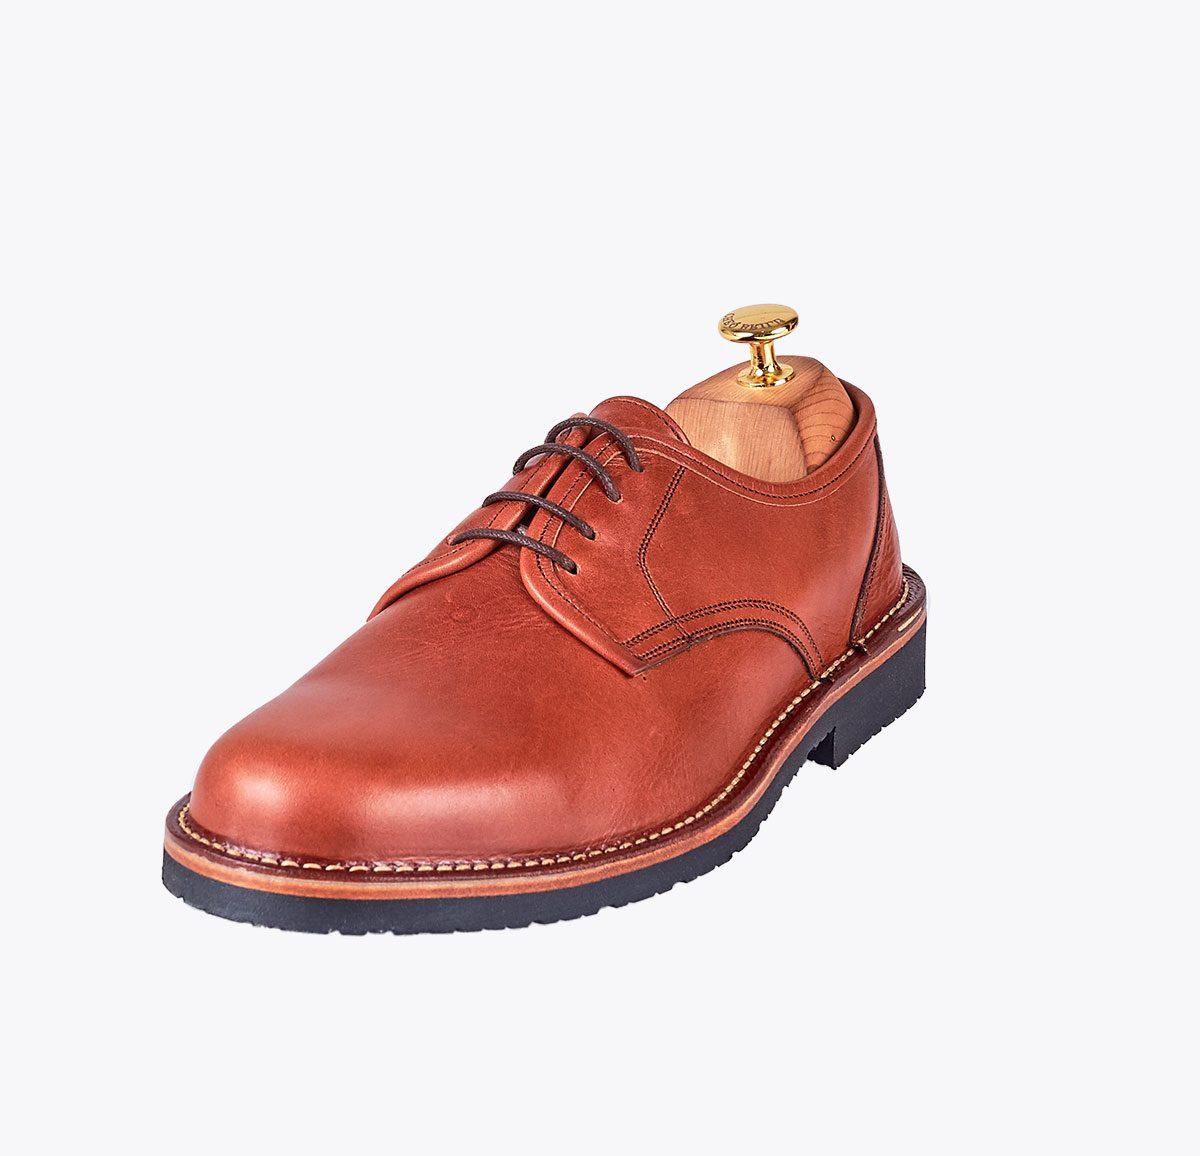 Zapato liso oscuro hecho a mano en mandalashoes, Santanyí Mallorca. Hand made shoes. Nach Mass Schuhe